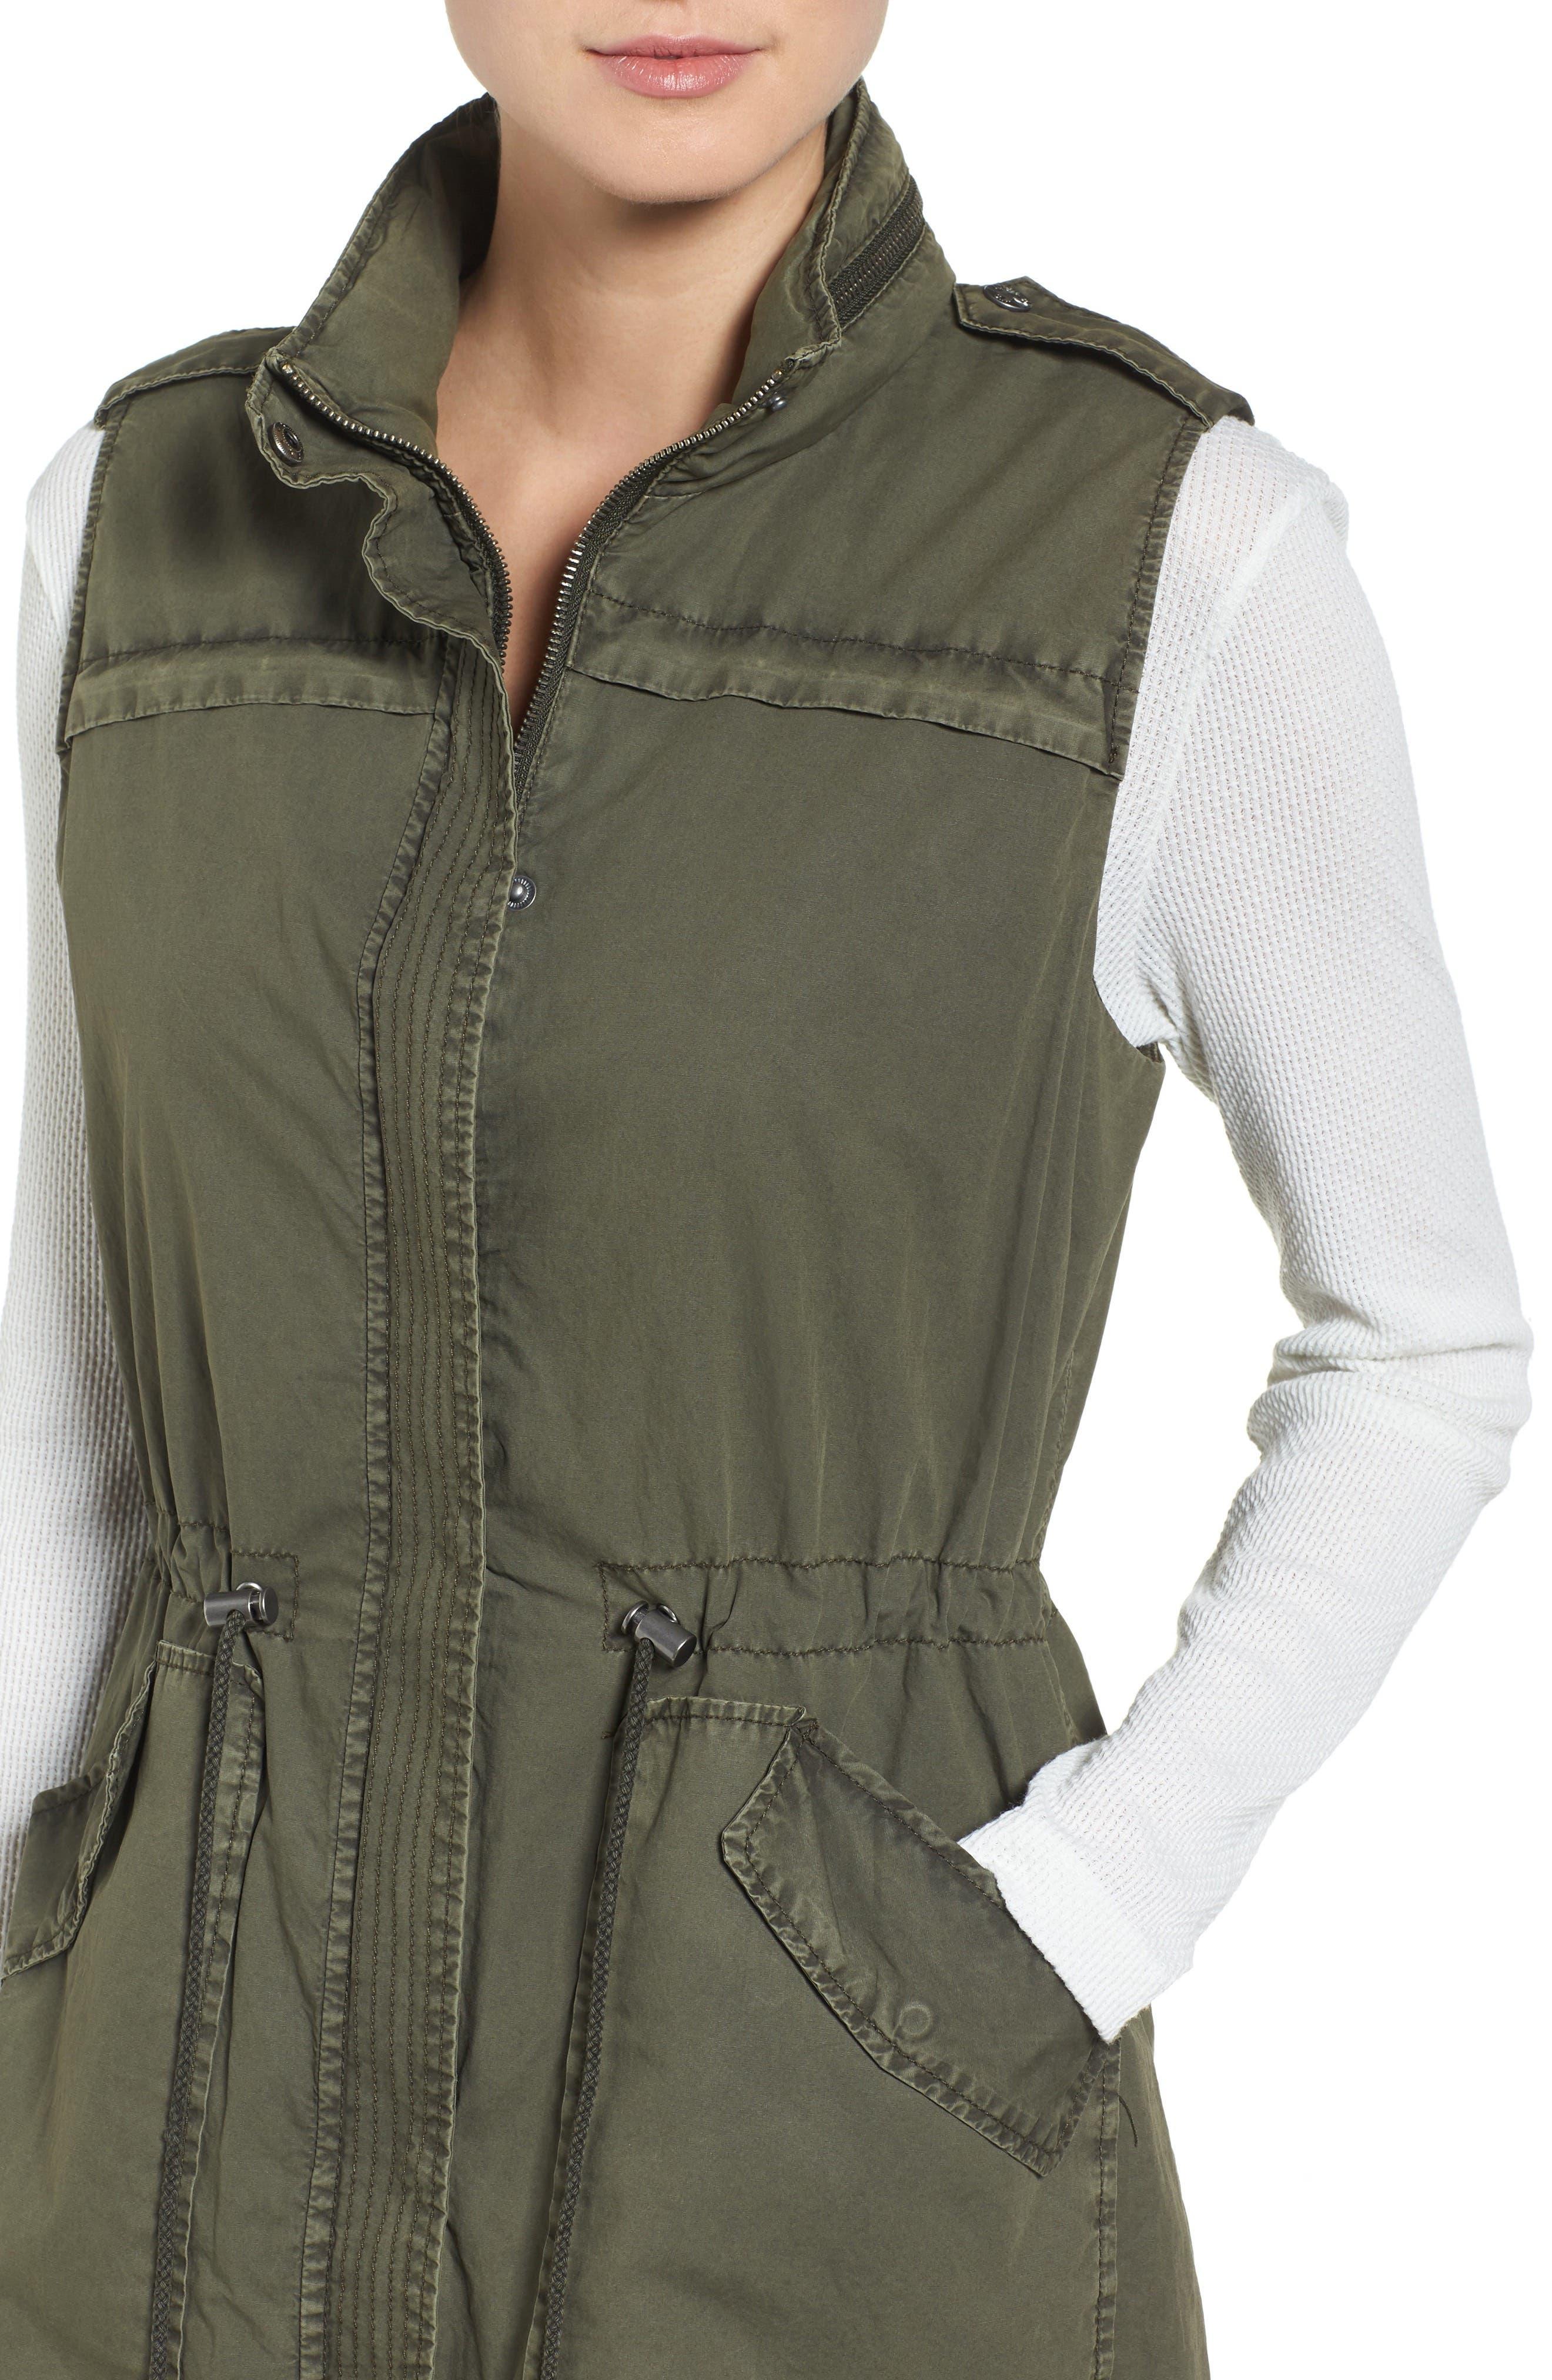 Levi's Parachute Cotton Vest,                             Alternate thumbnail 5, color,                             Army Green